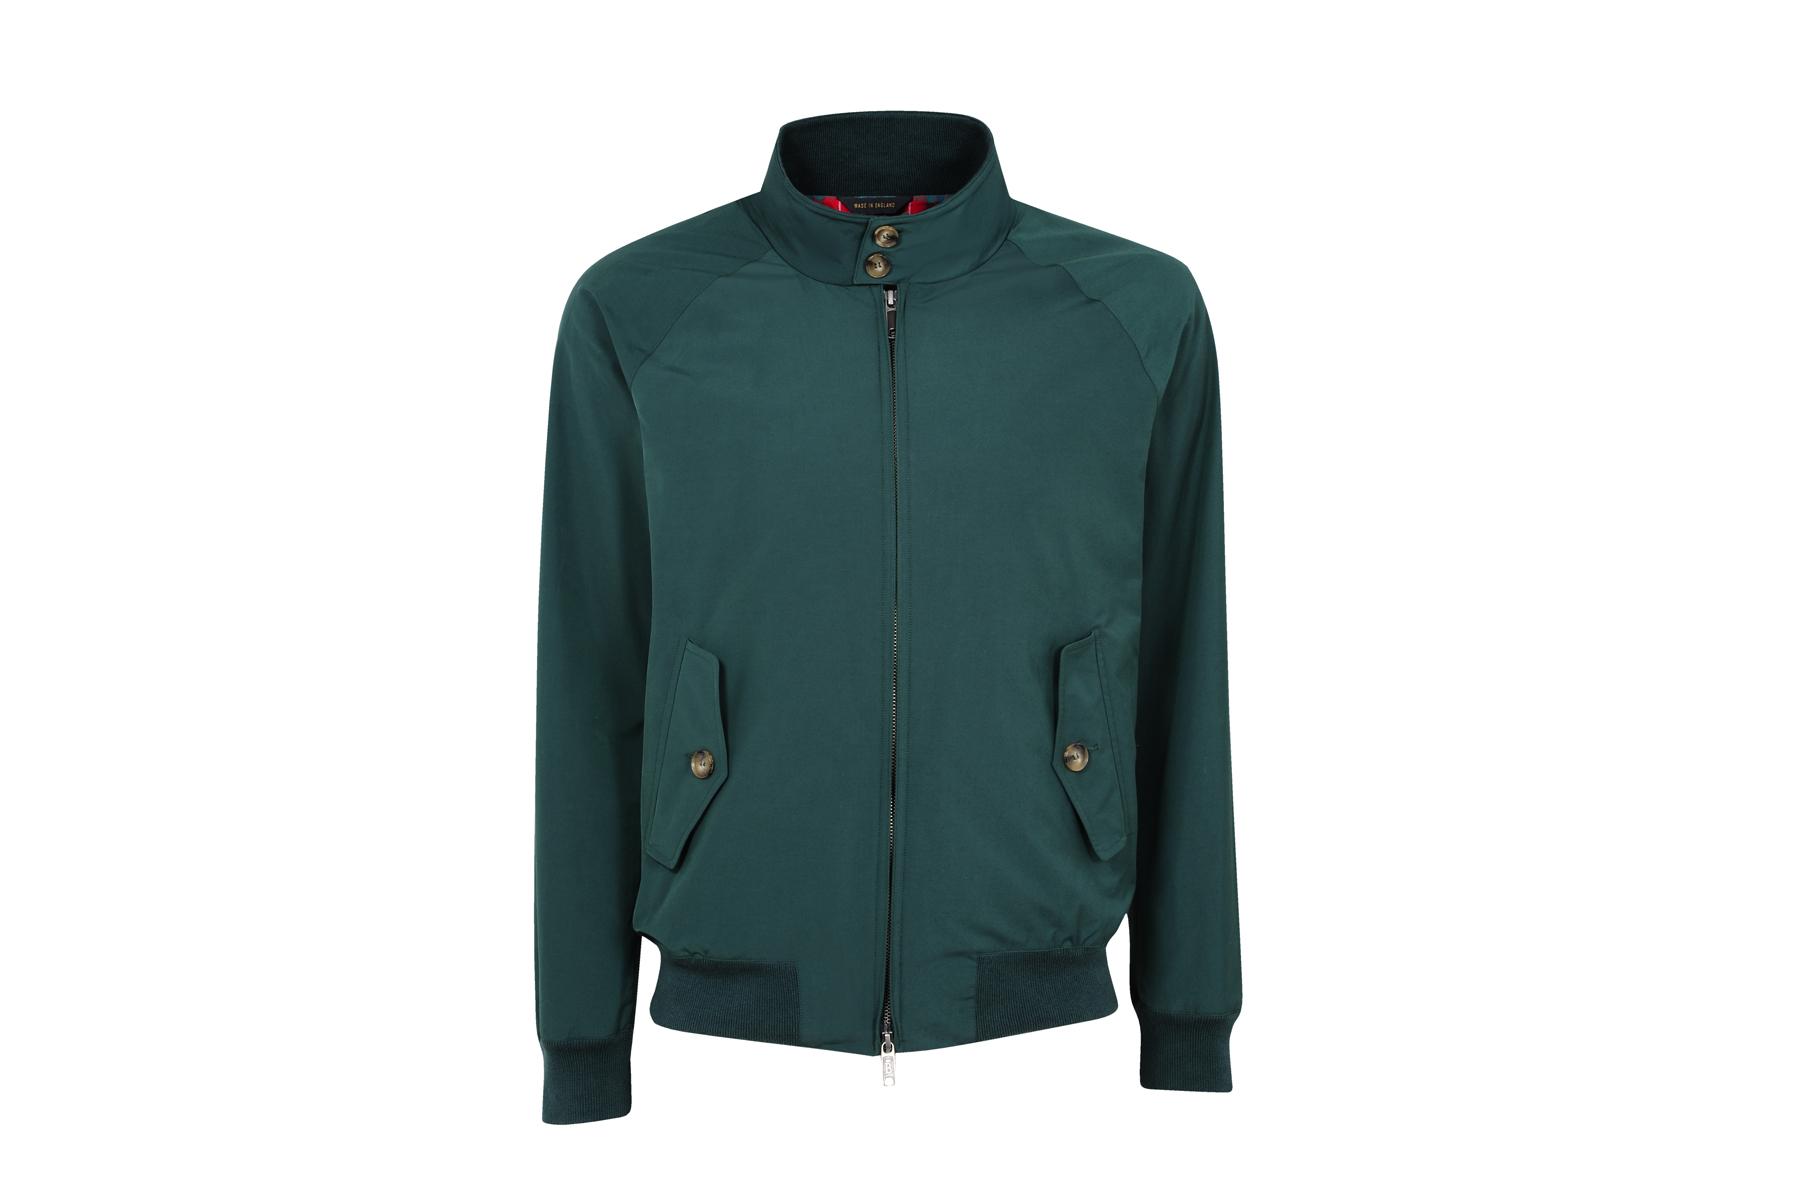 Oi Polloi x Baracuta G9 Harrington Jacket